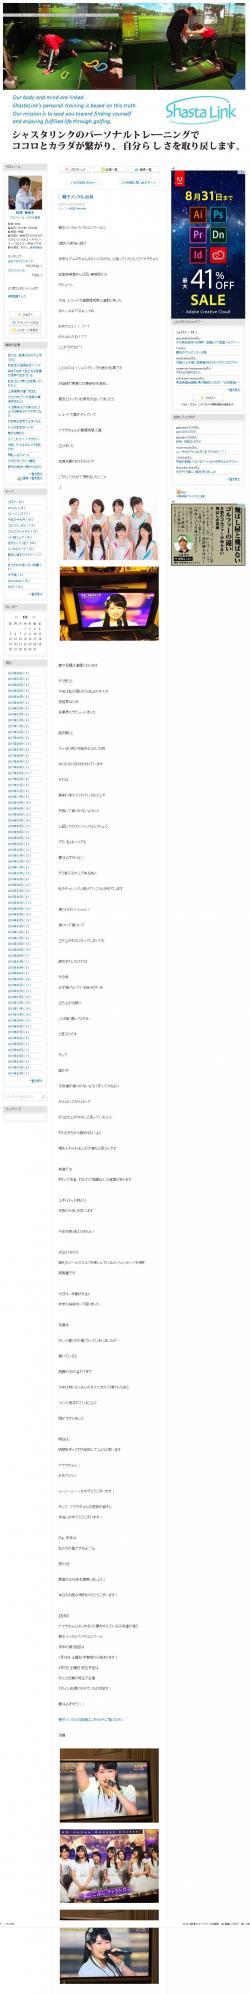 Screenshot_2018-08-28 『親子メンタル出身』.jpg